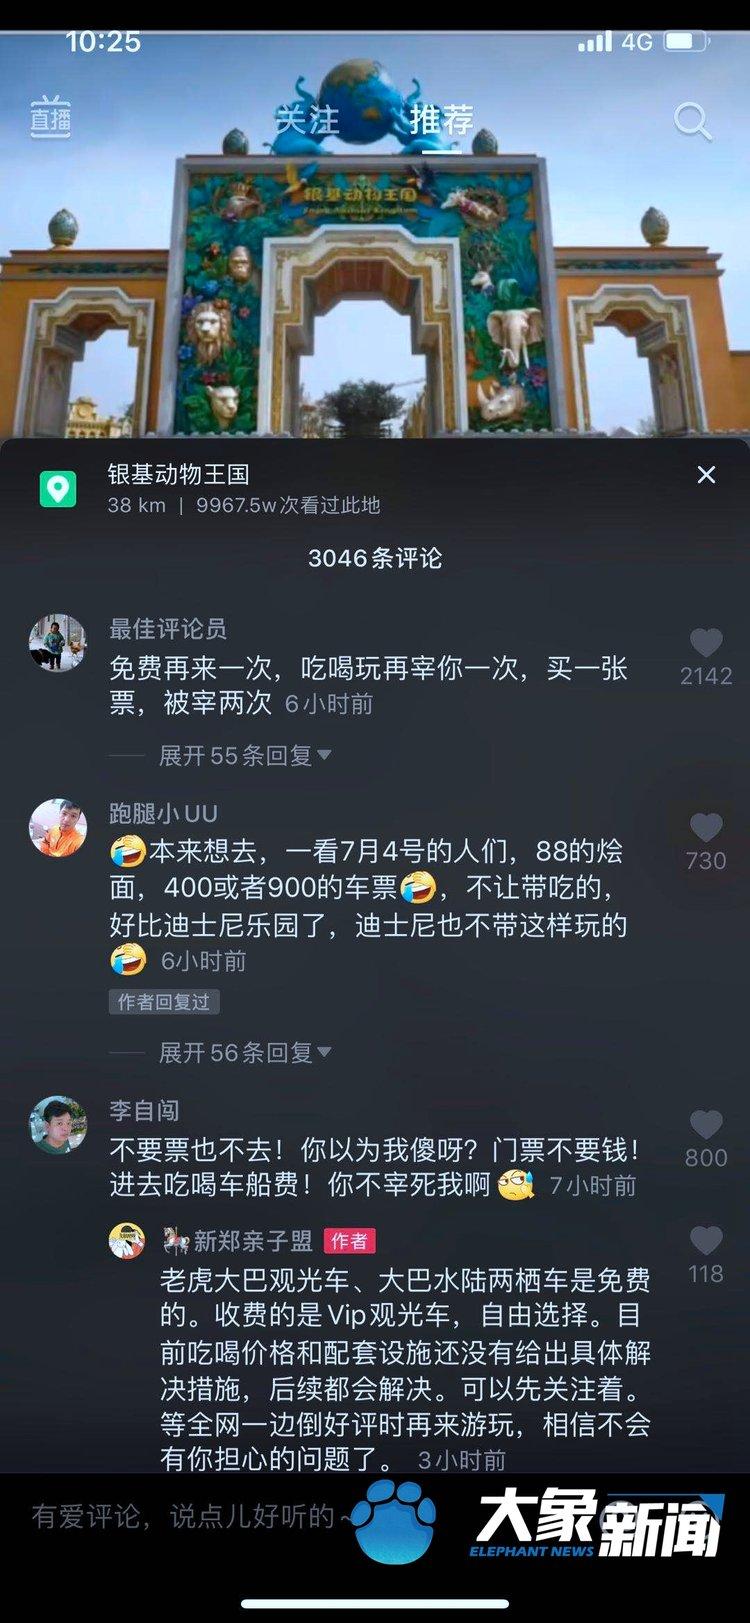 郑州银基动物王国一碗面88块,网友狂吐槽 这个新晋遛娃地官方致歉